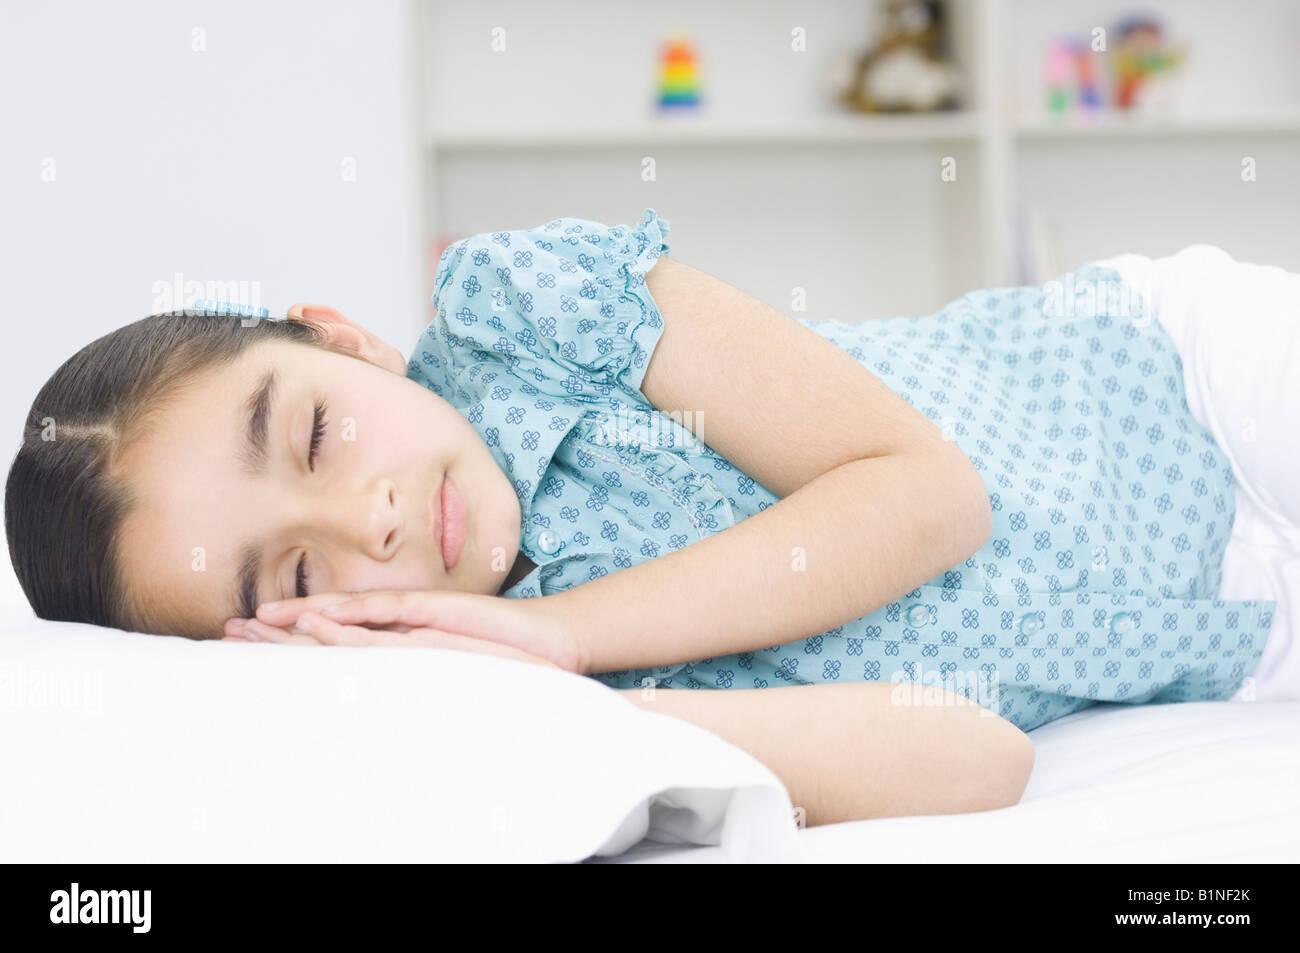 Sleepy girl examination — img 11